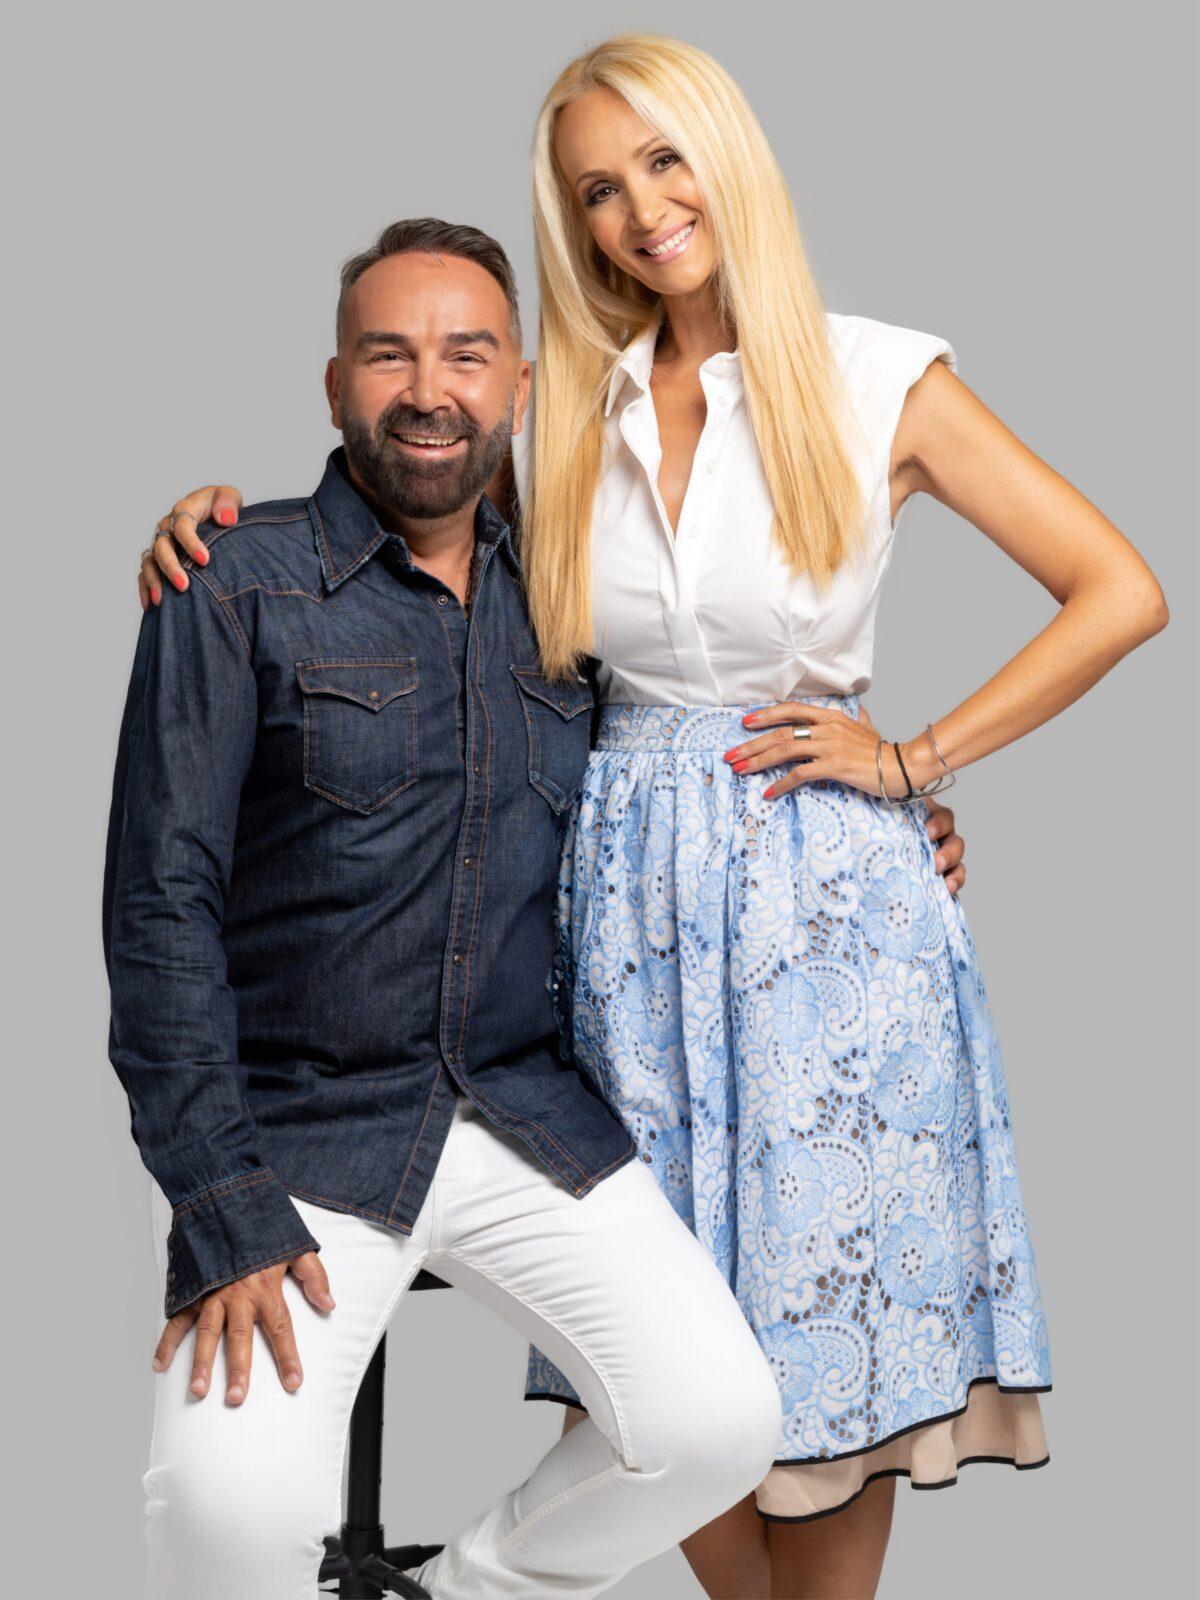 «ΟΛΑ ΓΚΟΥΝΤ!» με τον Γρηγόρη Γκουντάρα και τη Ναταλί Κάκκαβα